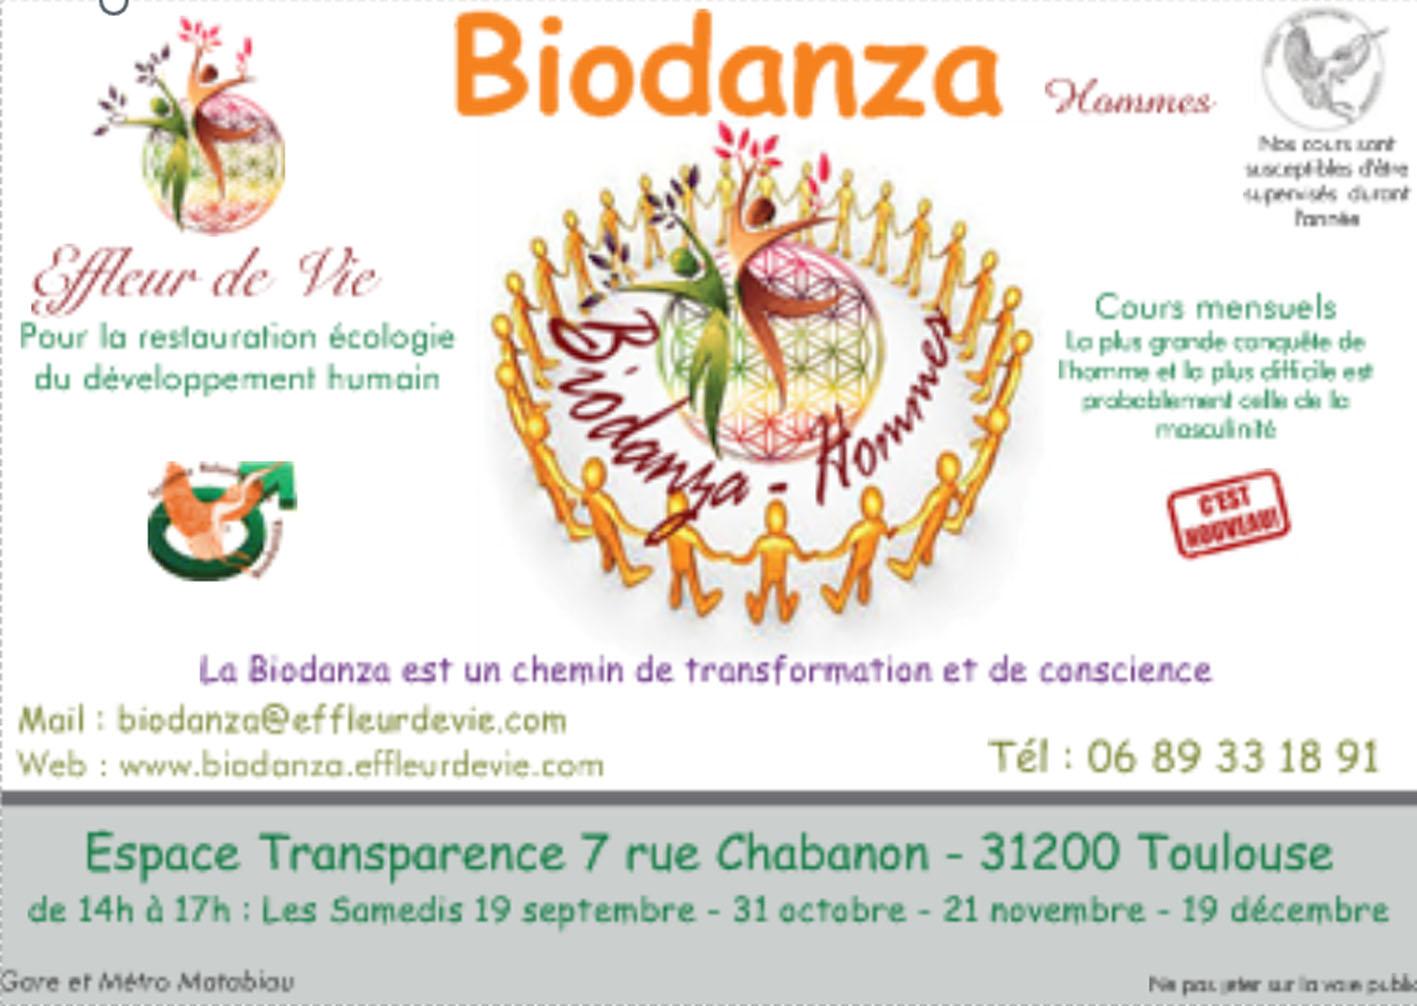 la-biodanza-pour-hommes-est-un-chemin-de-transformation-et-de-conscience